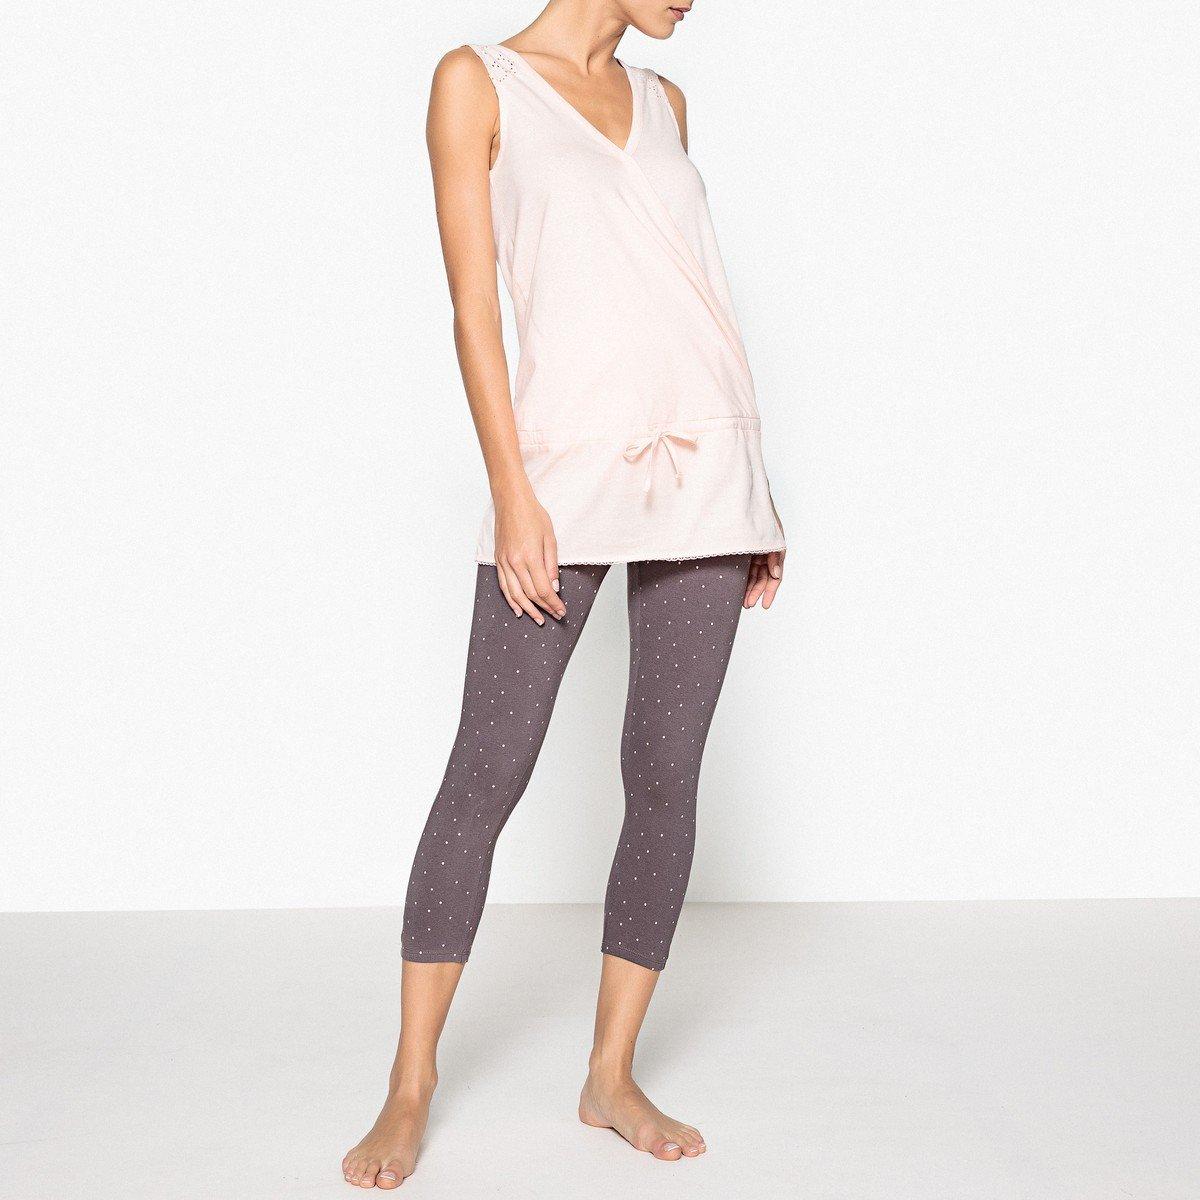 La Redoute - Pijama - para Mujer Rosa/Gris 52: Amazon.es: Ropa y accesorios